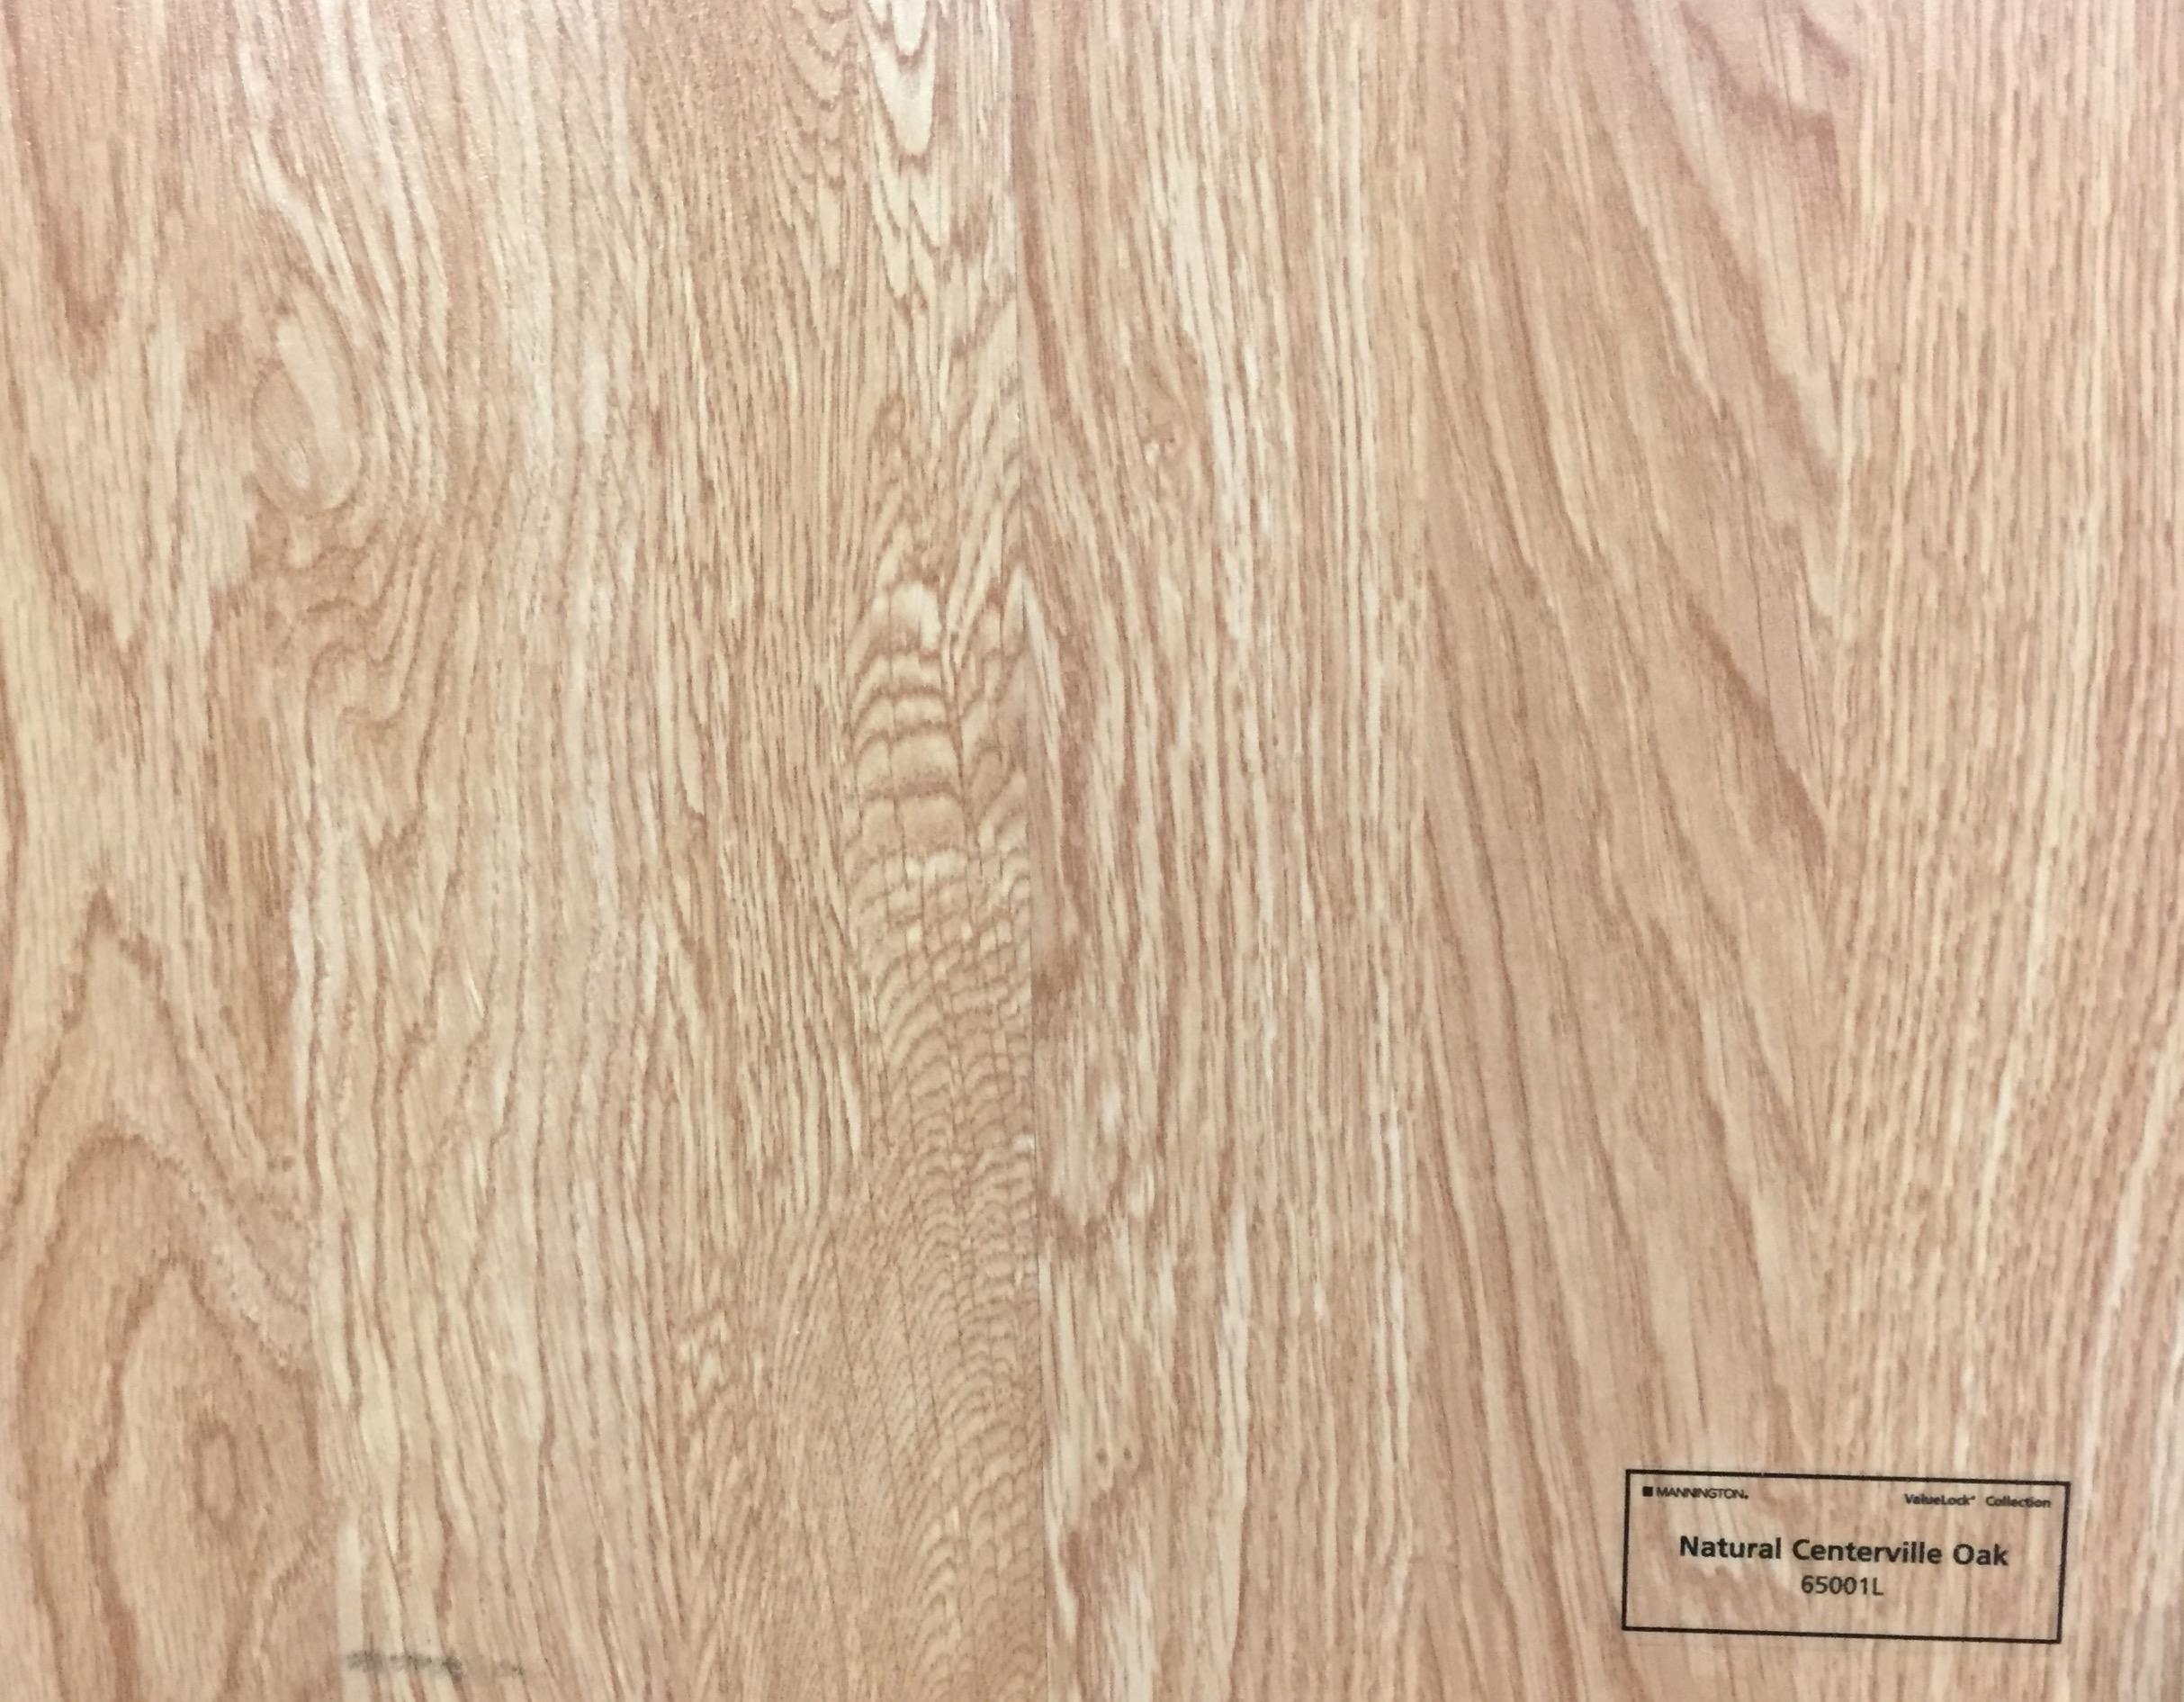 Natural Centerville Oak - 65001L